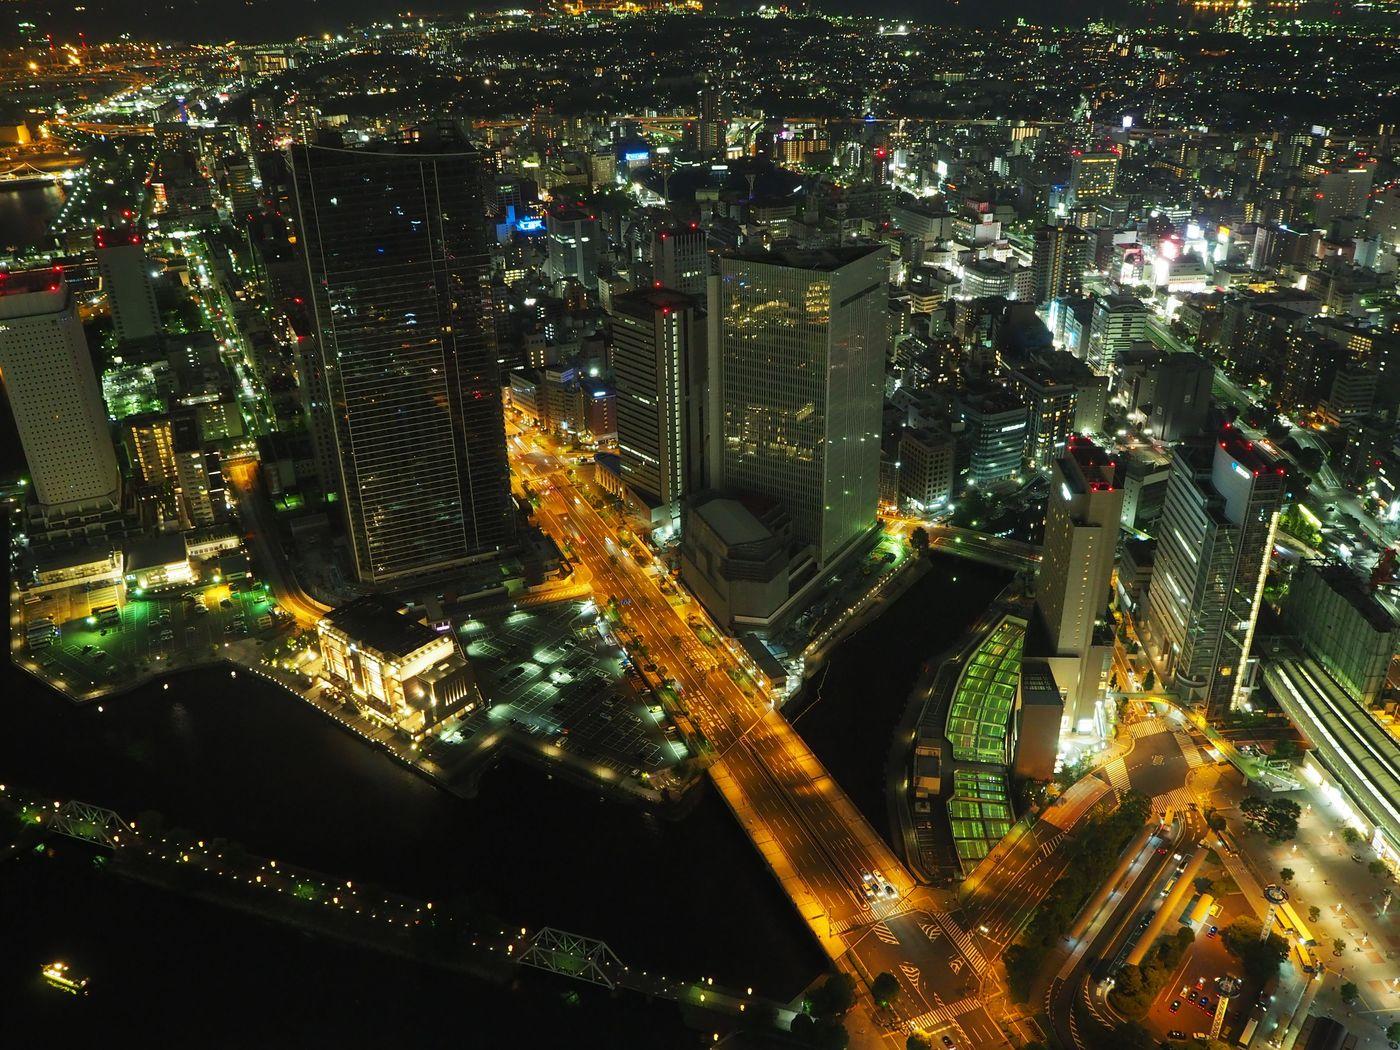 【横浜】お得に行こう!「ランドマークタワー展望フロア」の画像